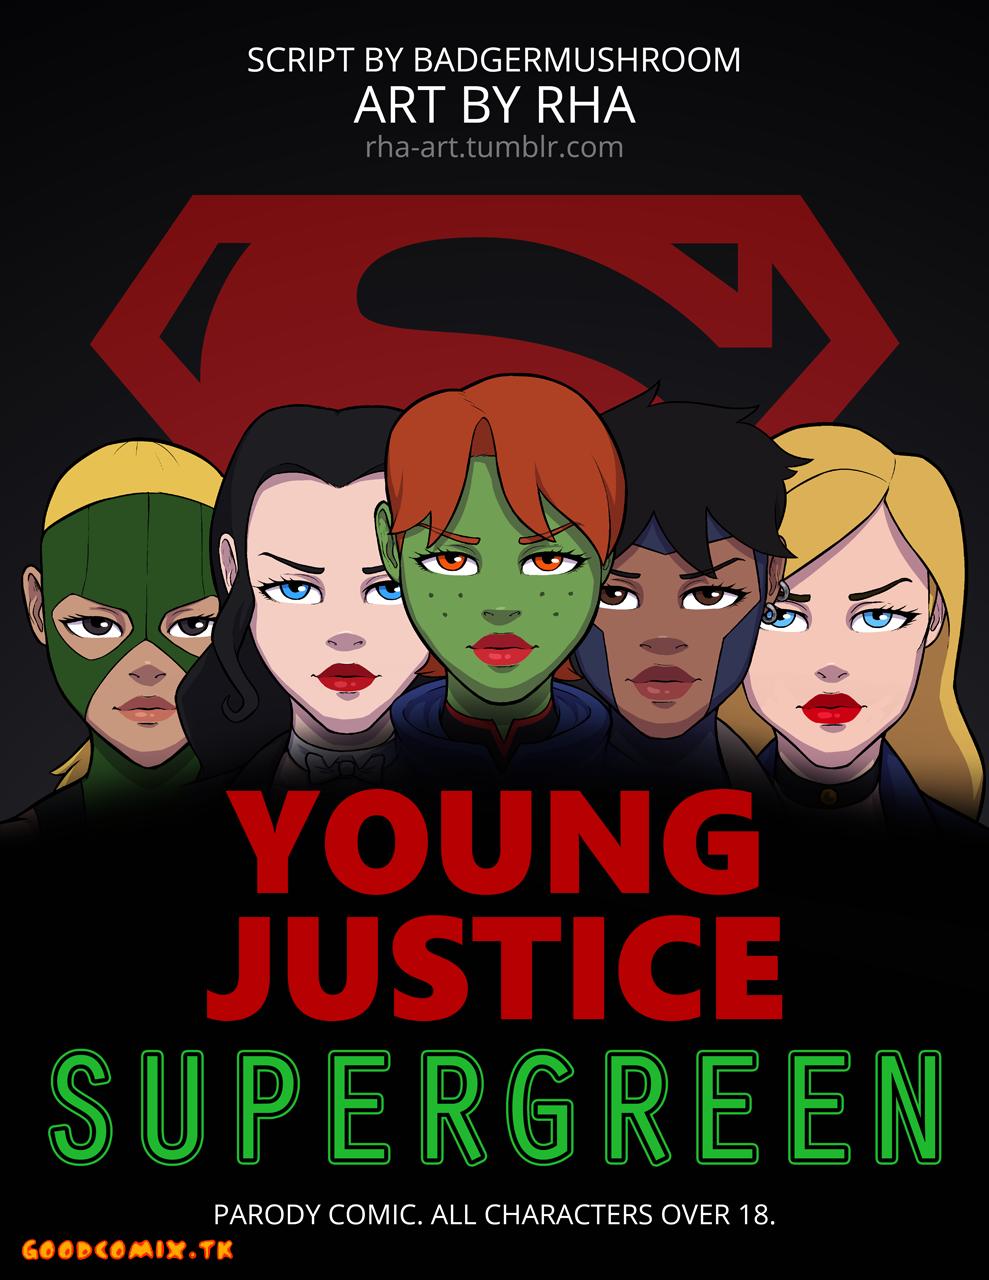 SureFap xxx porno Young Justice - [RHA] - Supergreen